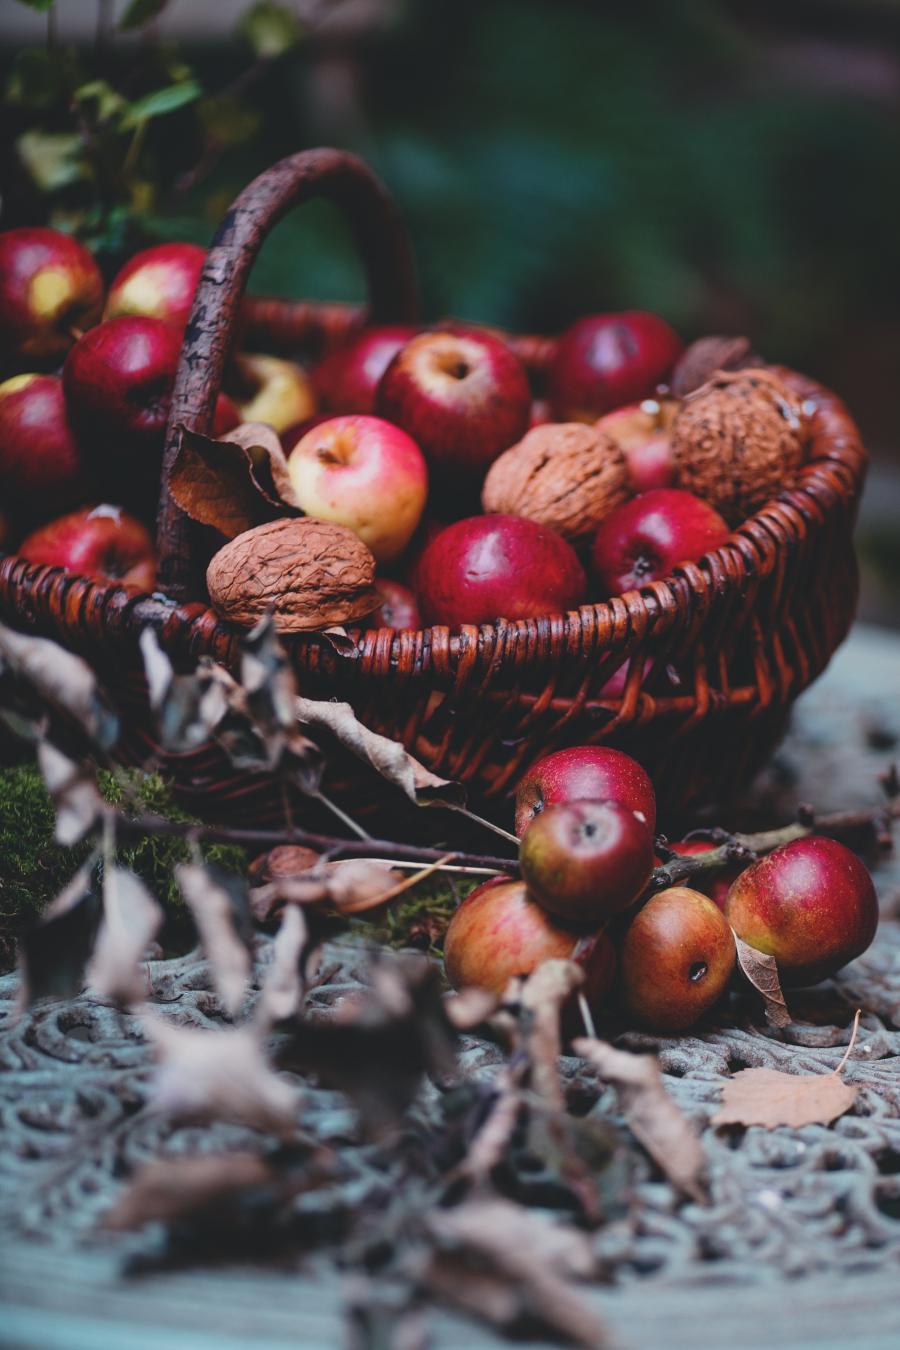 Frugt og æbler fra haven i en kurv